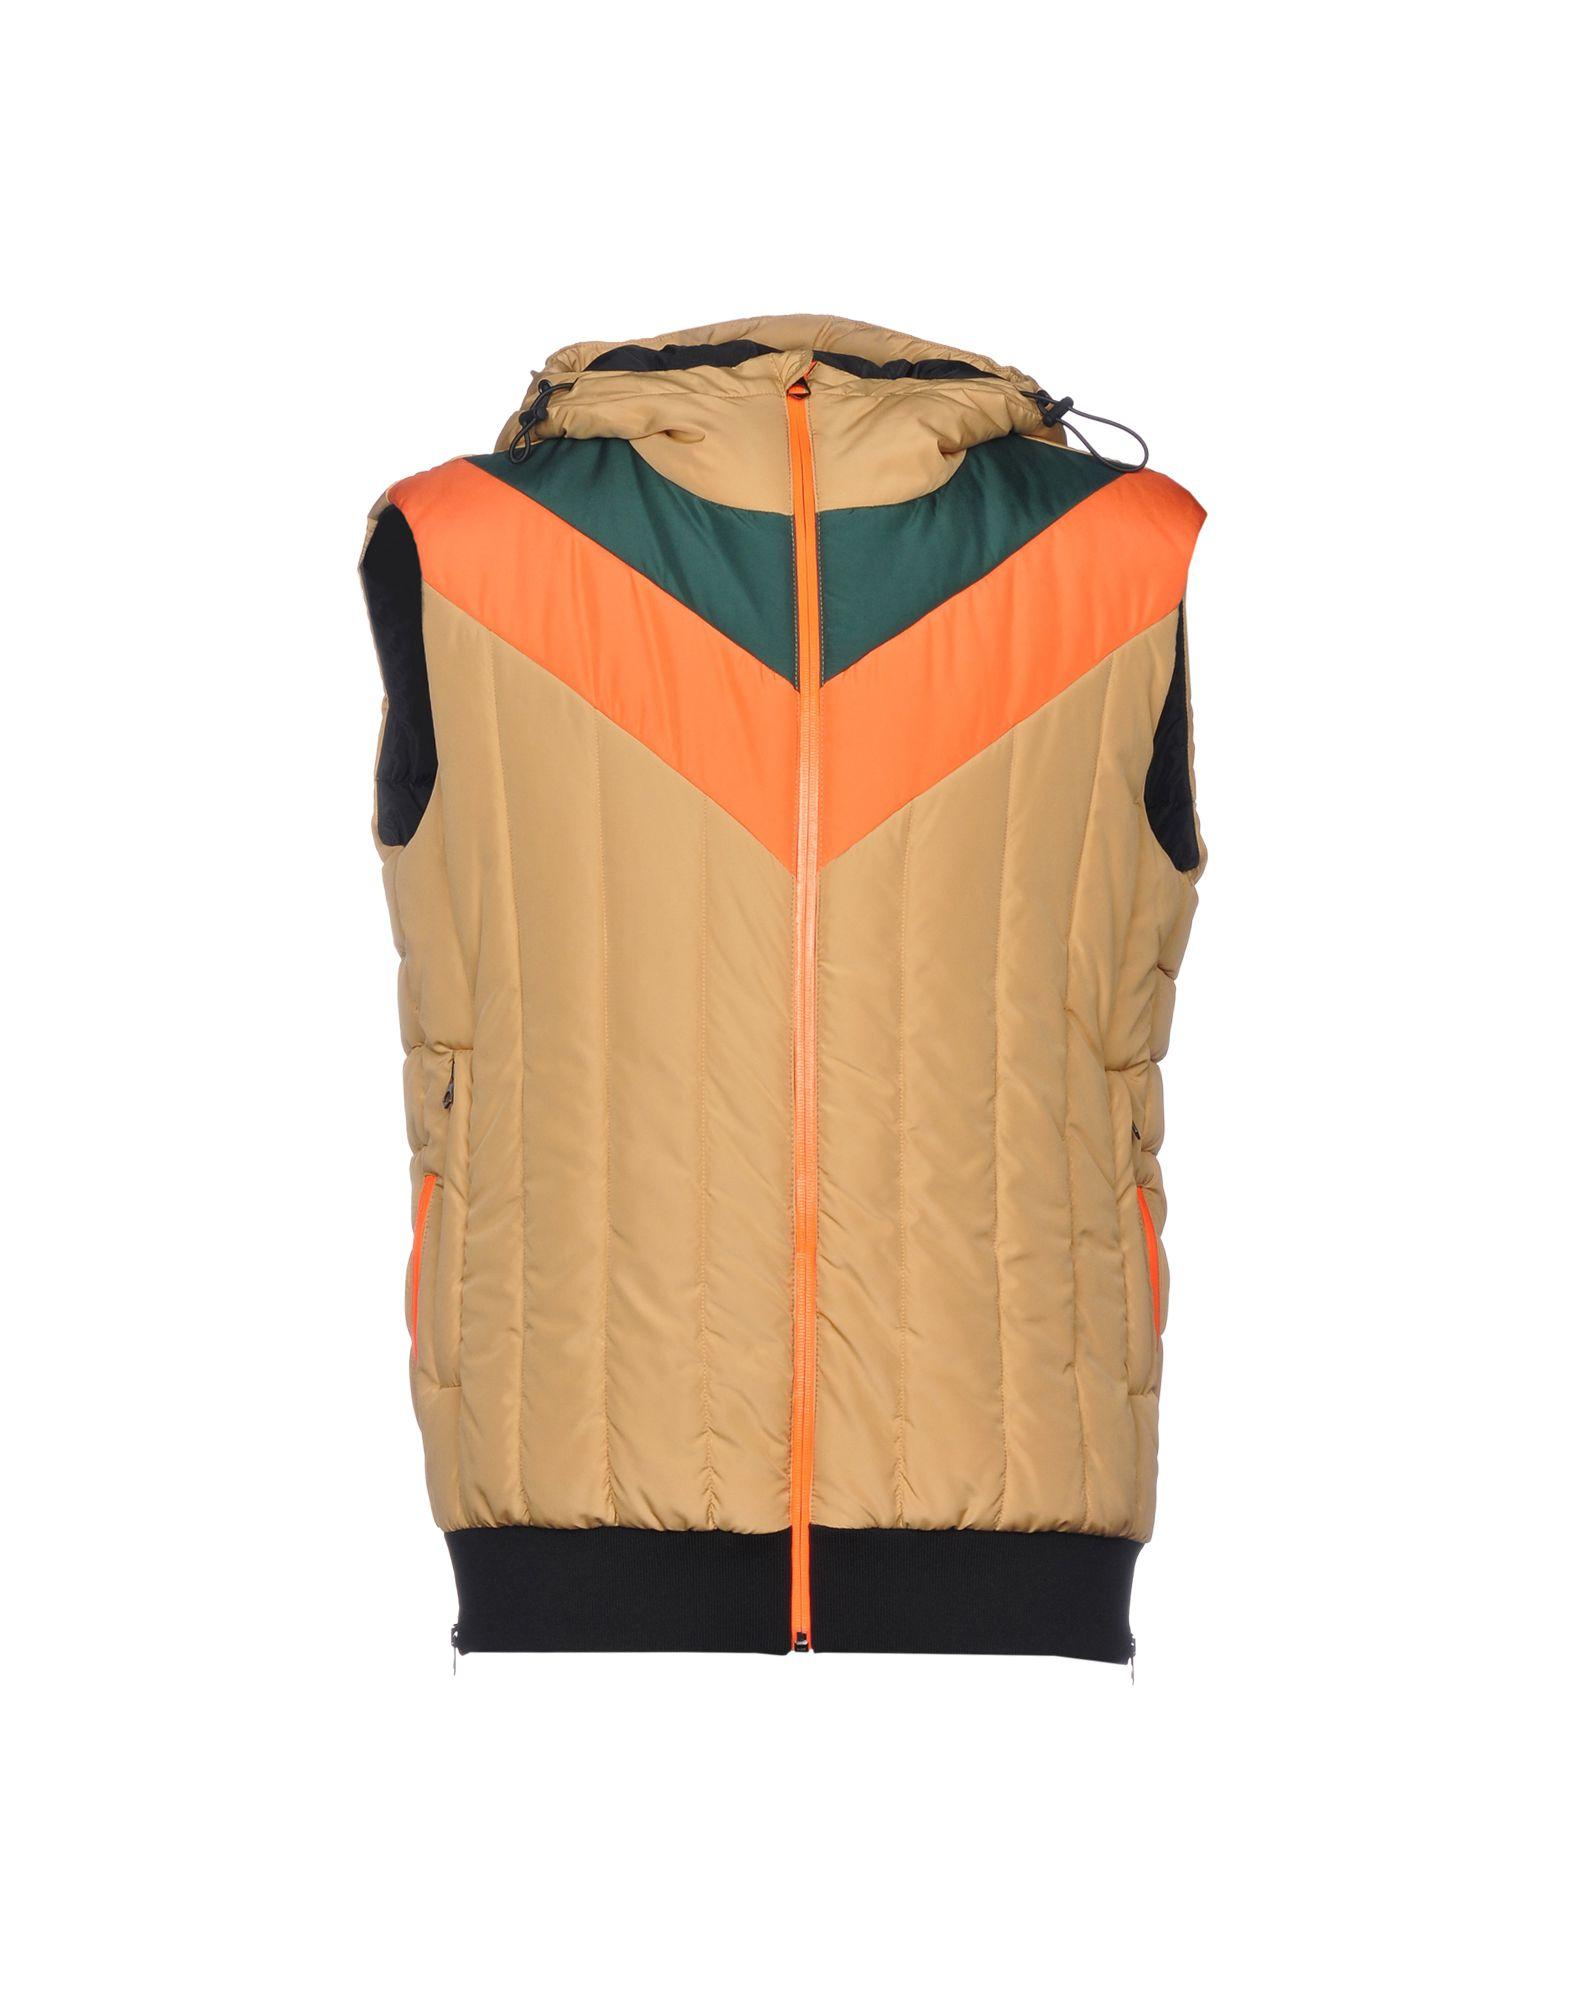 MSGM Куртка новая весна зима твердые женщины плюс размер тонкий жилет женщин parkas хлопок куртка без рукавов с капюшоном повседневная куртка colete